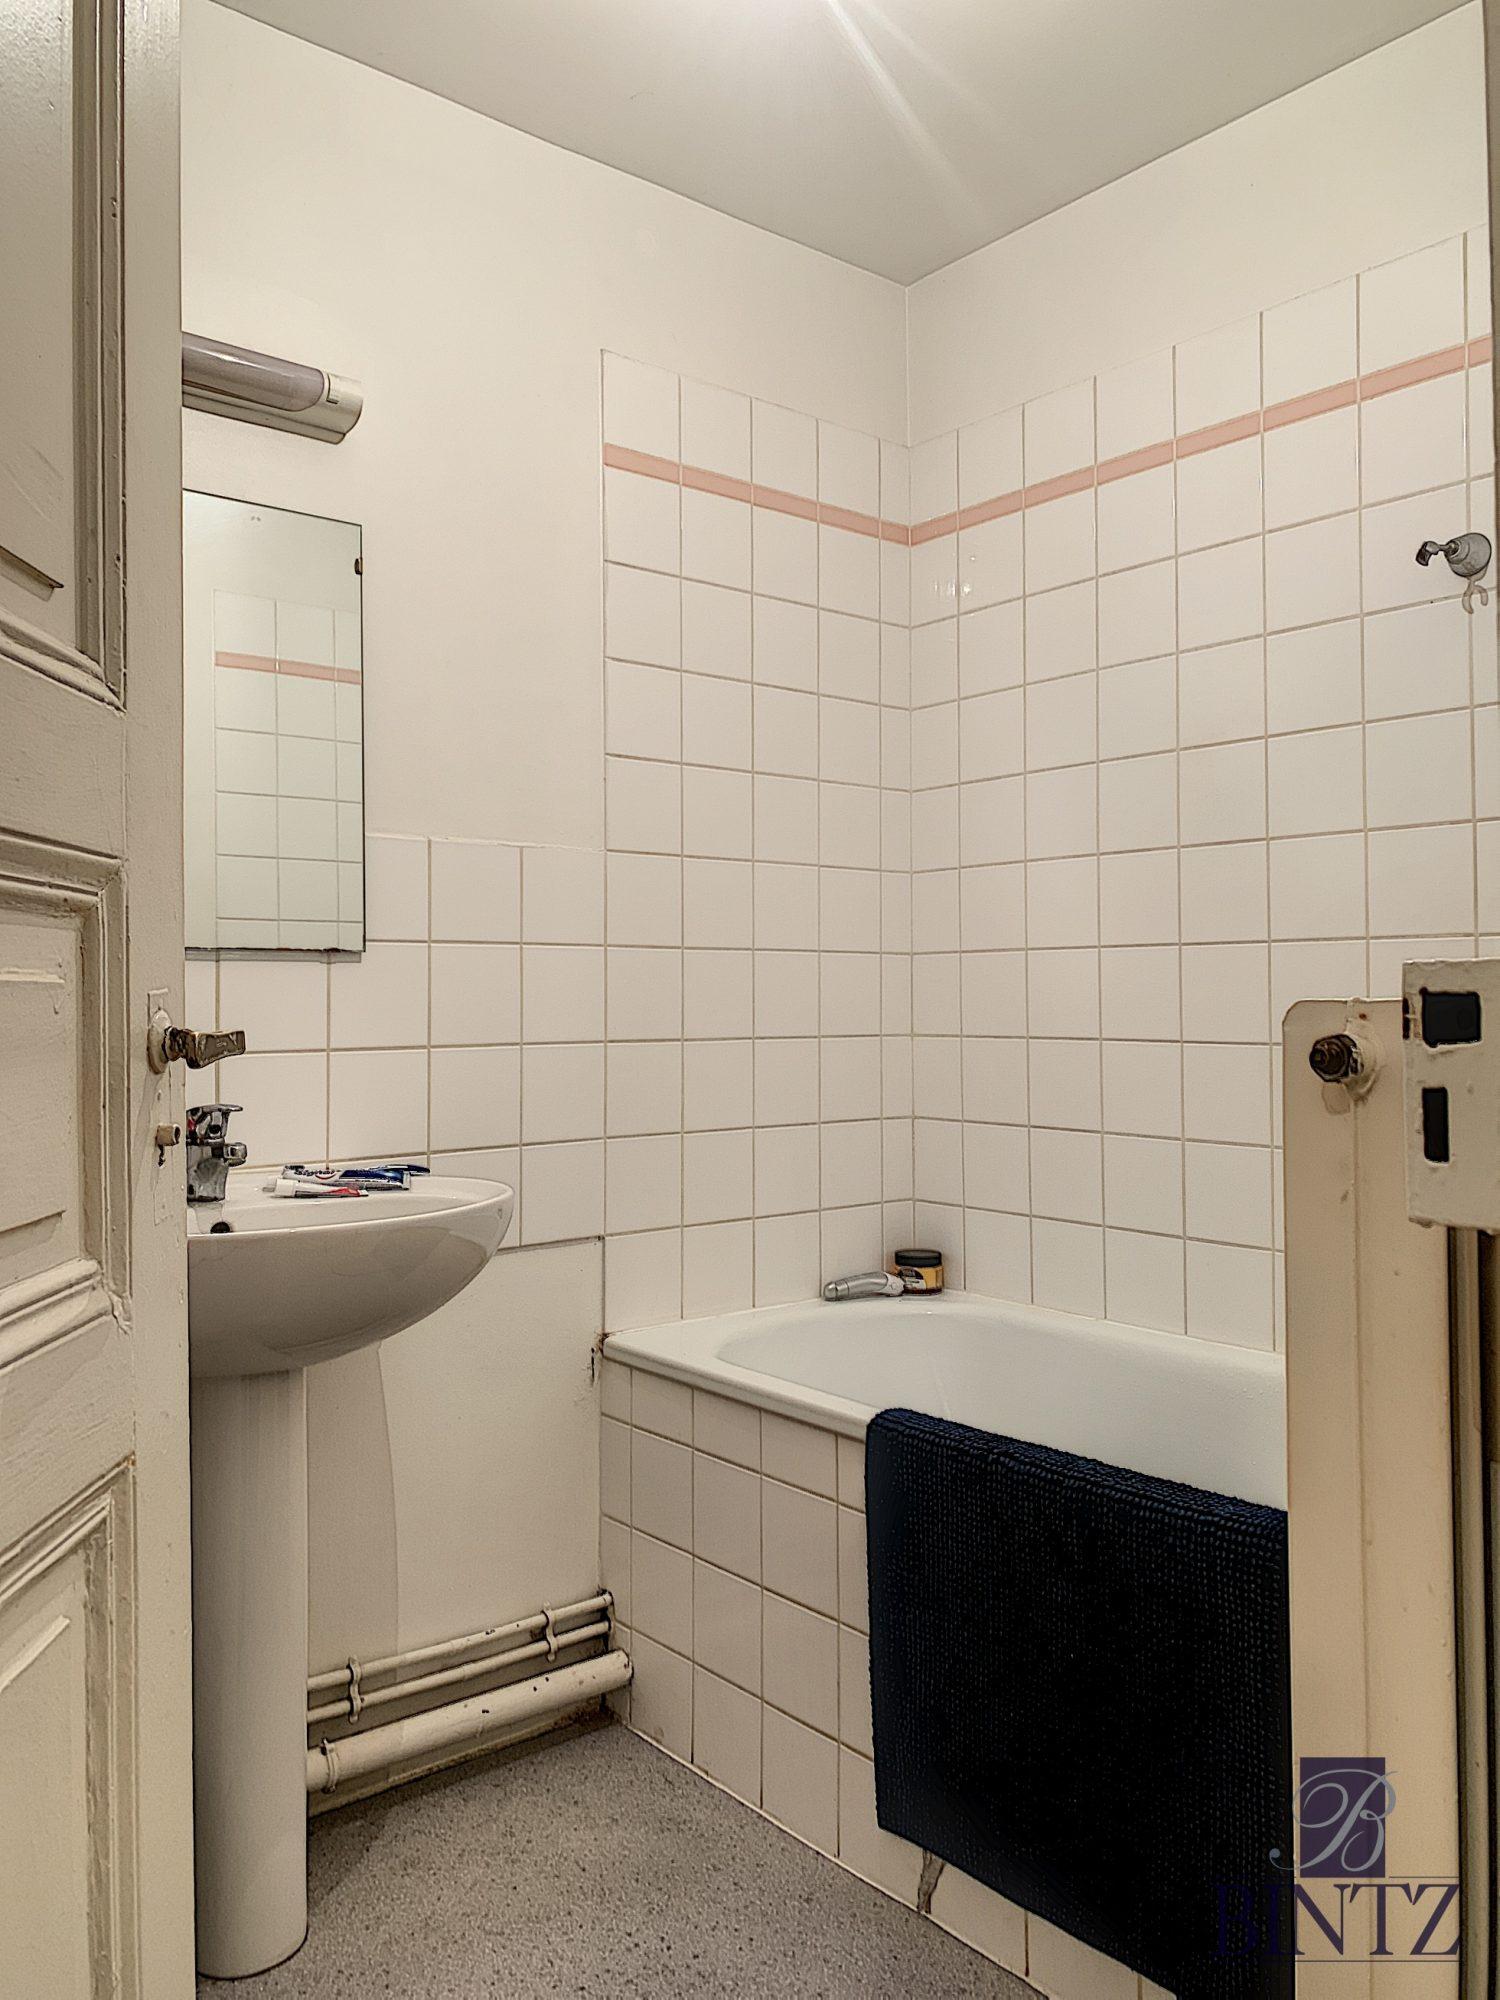 BEAU T1 MUSÉE D'ART MODERNE - Devenez locataire en toute sérénité - Bintz Immobilier - 5